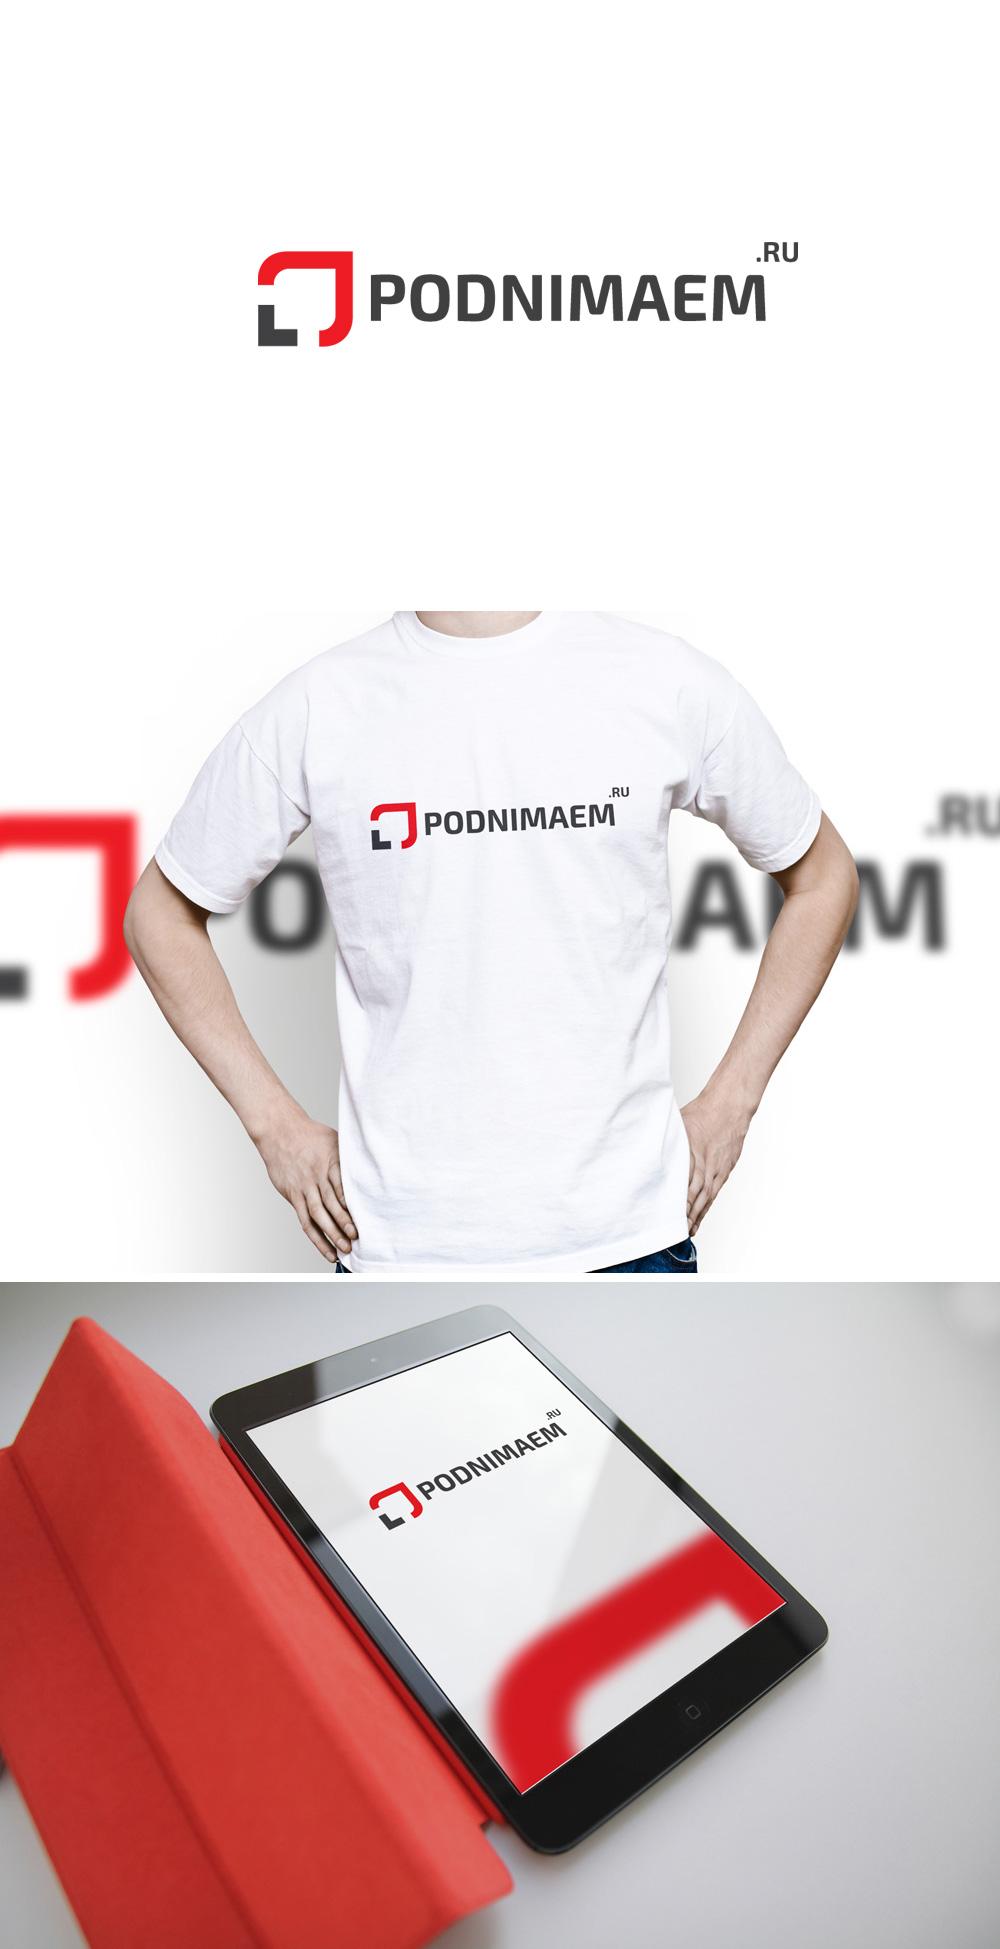 Разработать логотип + визитку + логотип для печати ООО +++ фото f_09055475eb1d3d74.jpg